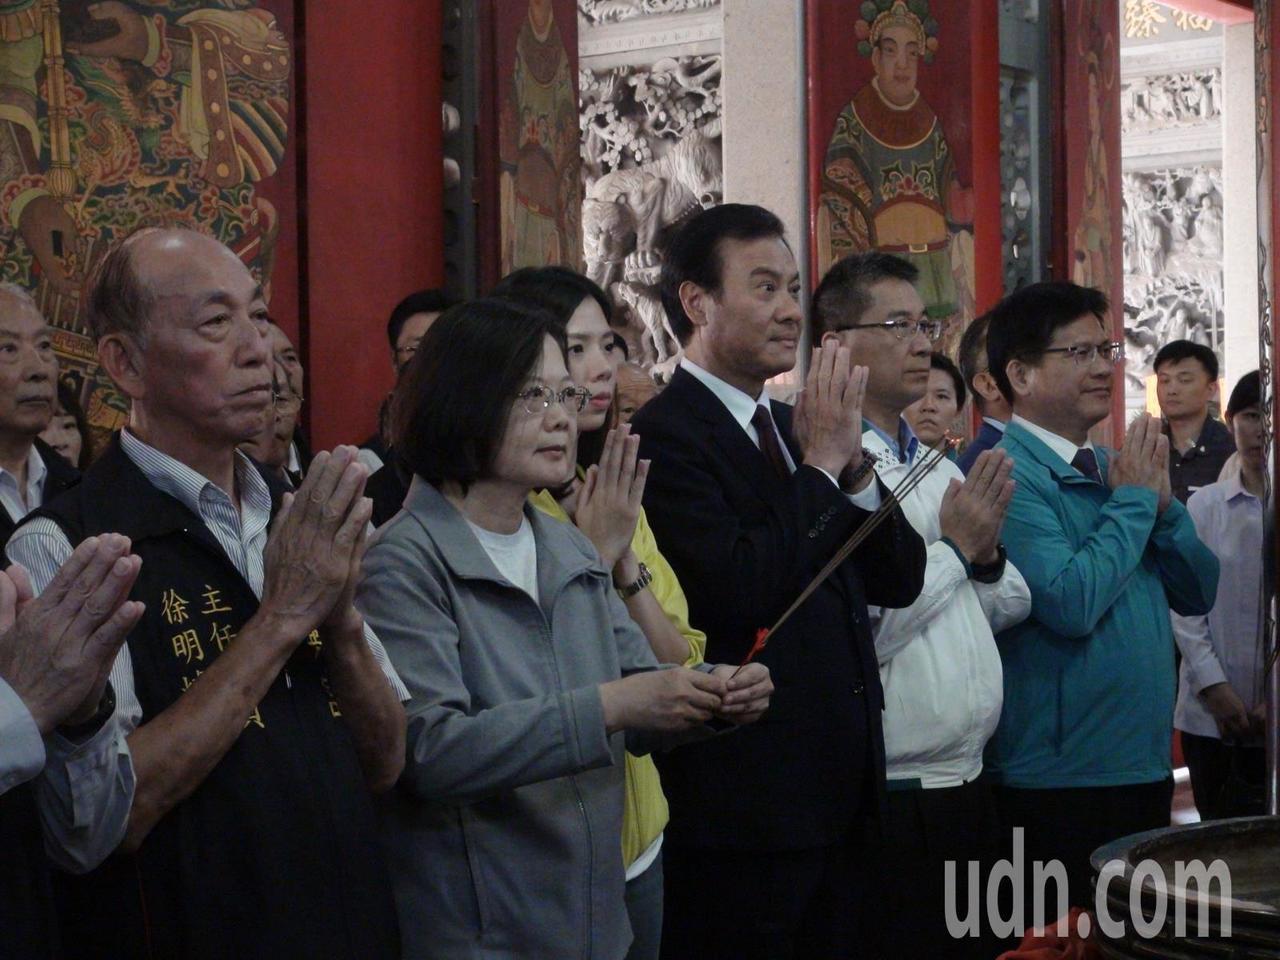 蔡英文總統今天上午到台中神岡社口萬興宮參拜。記者余采瀅/攝影